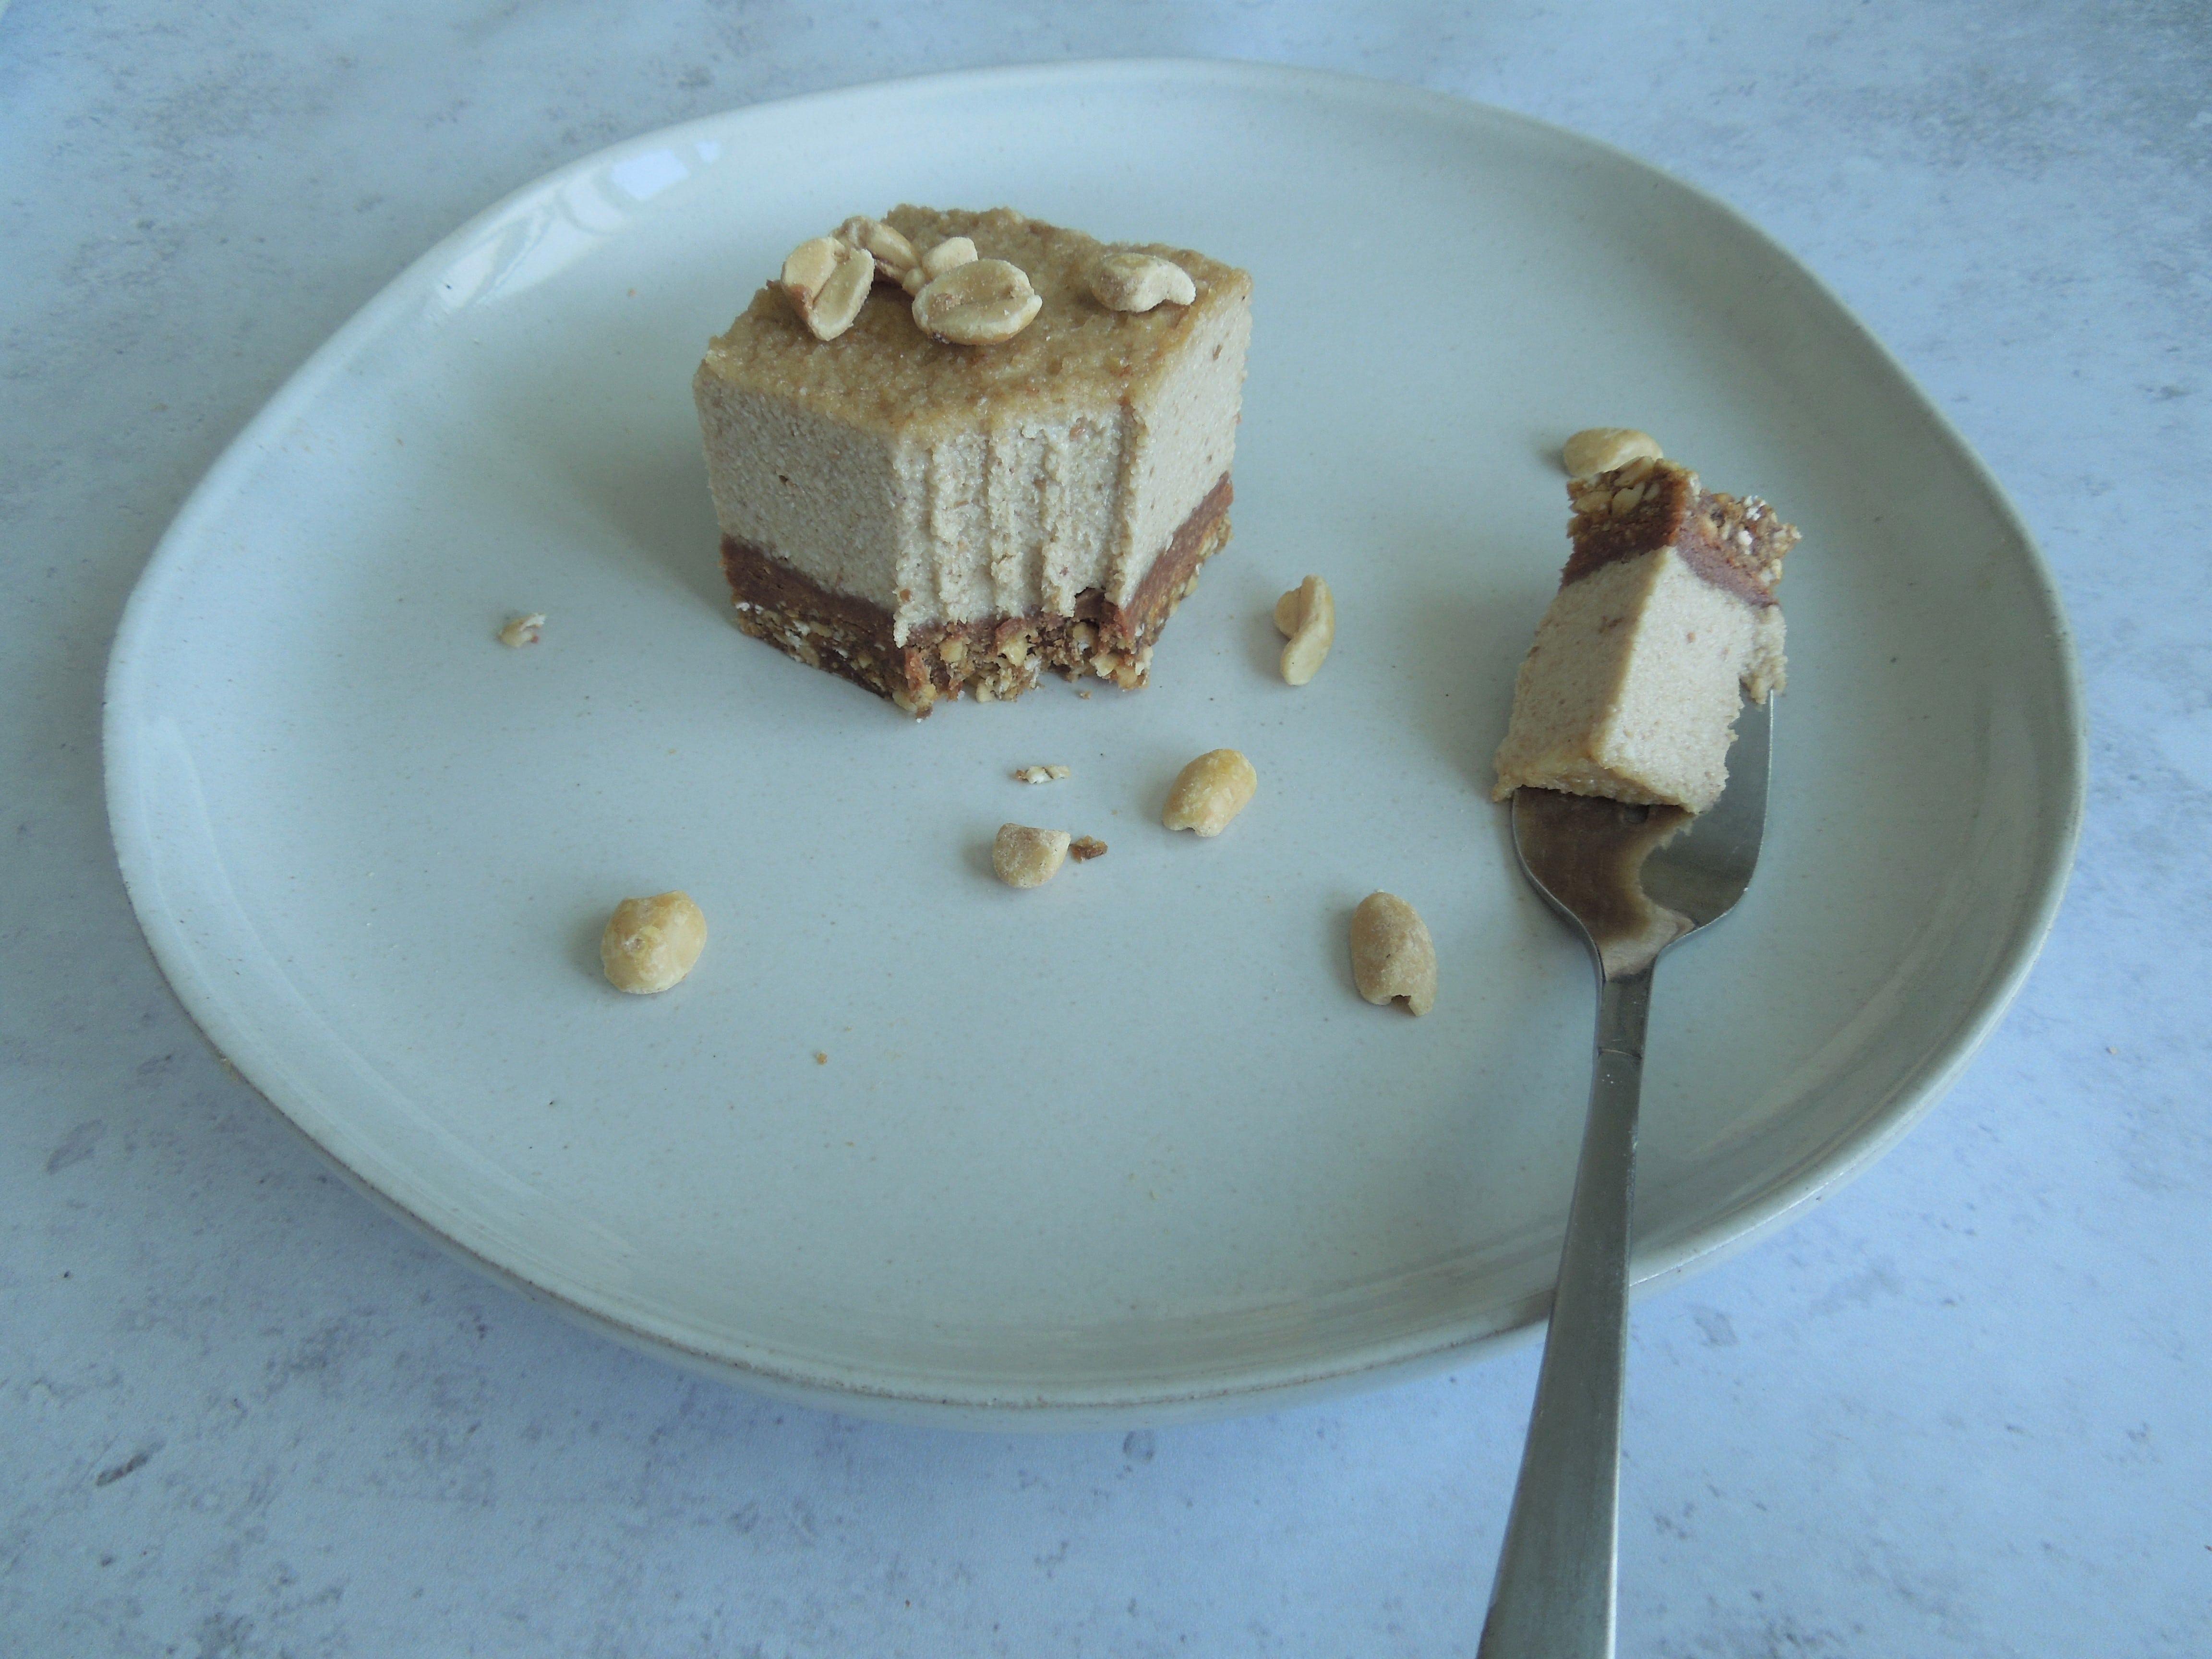 Vegan Layered Peanut Butter Cheesecake